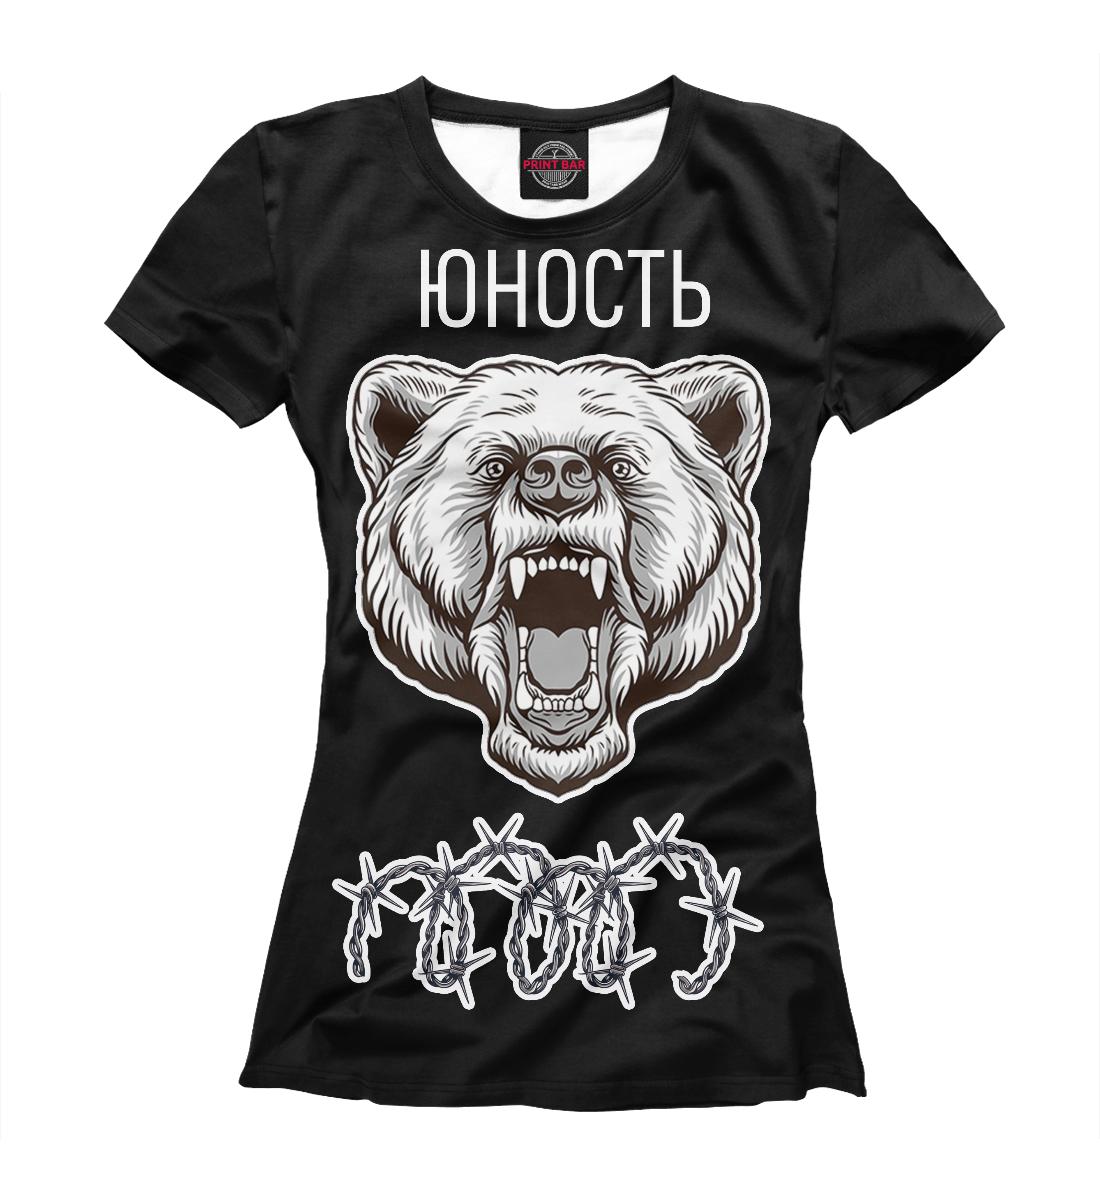 футболка юность купить